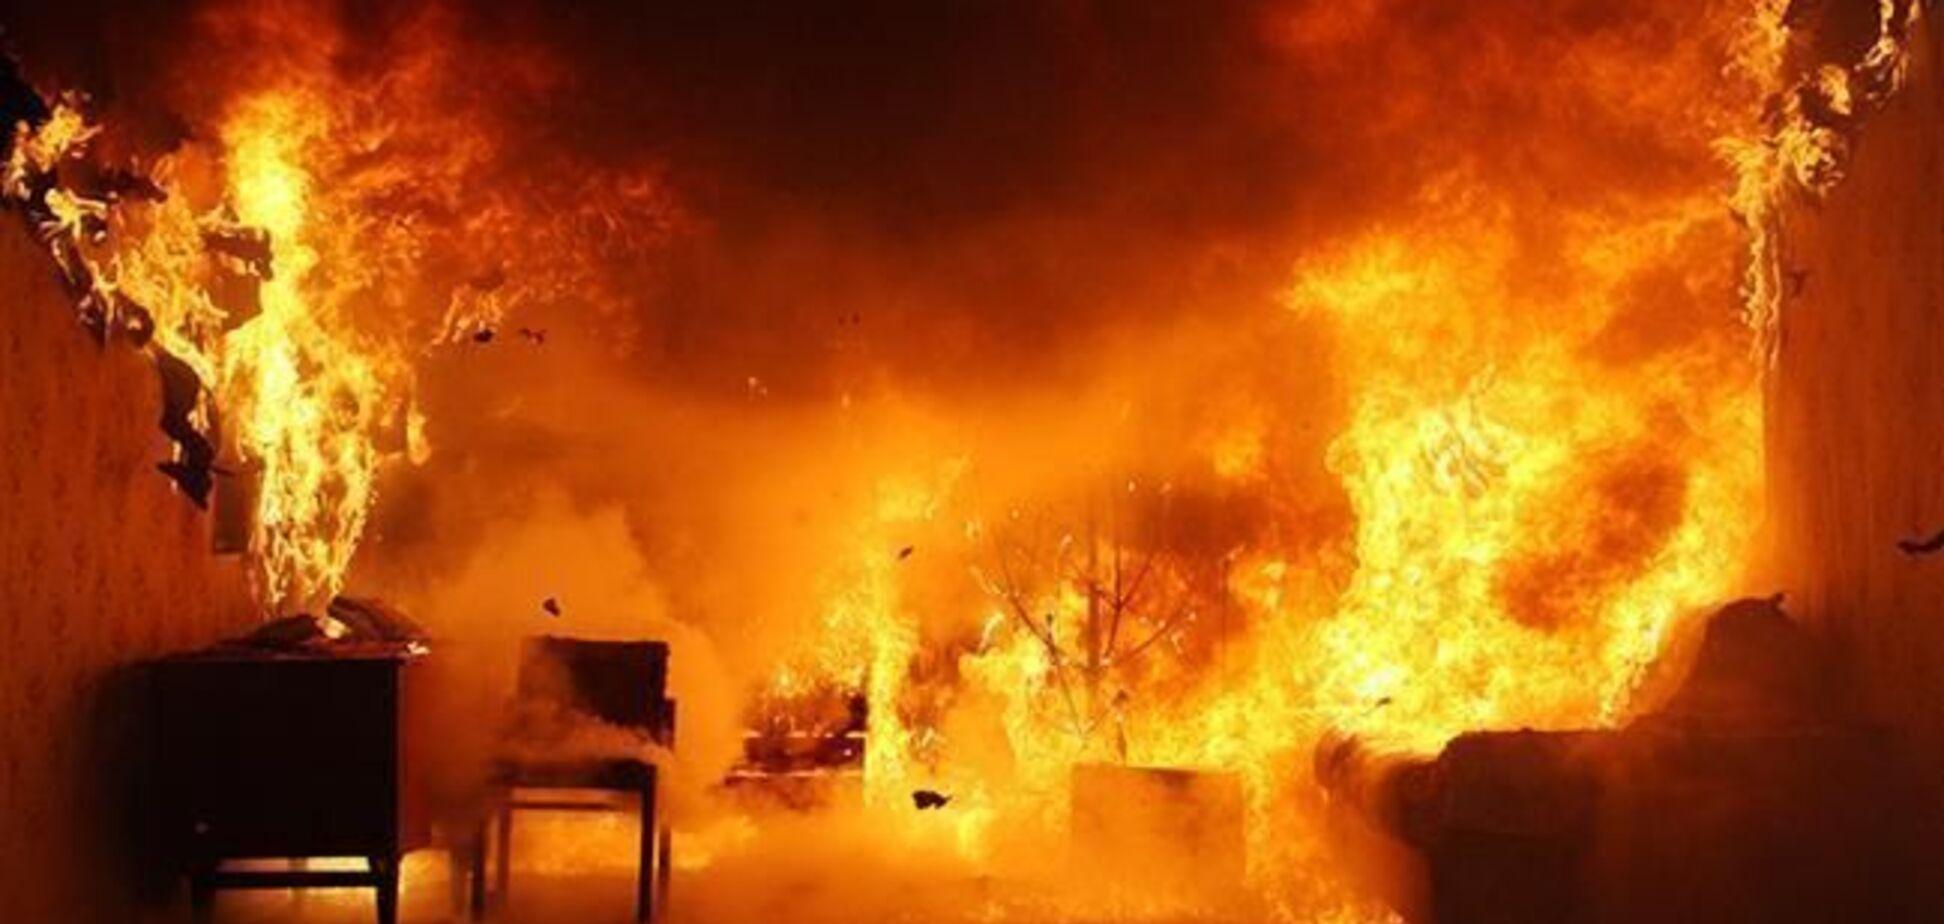 В Днепре сгорел дом: два человека отравились угарным газом. Фото